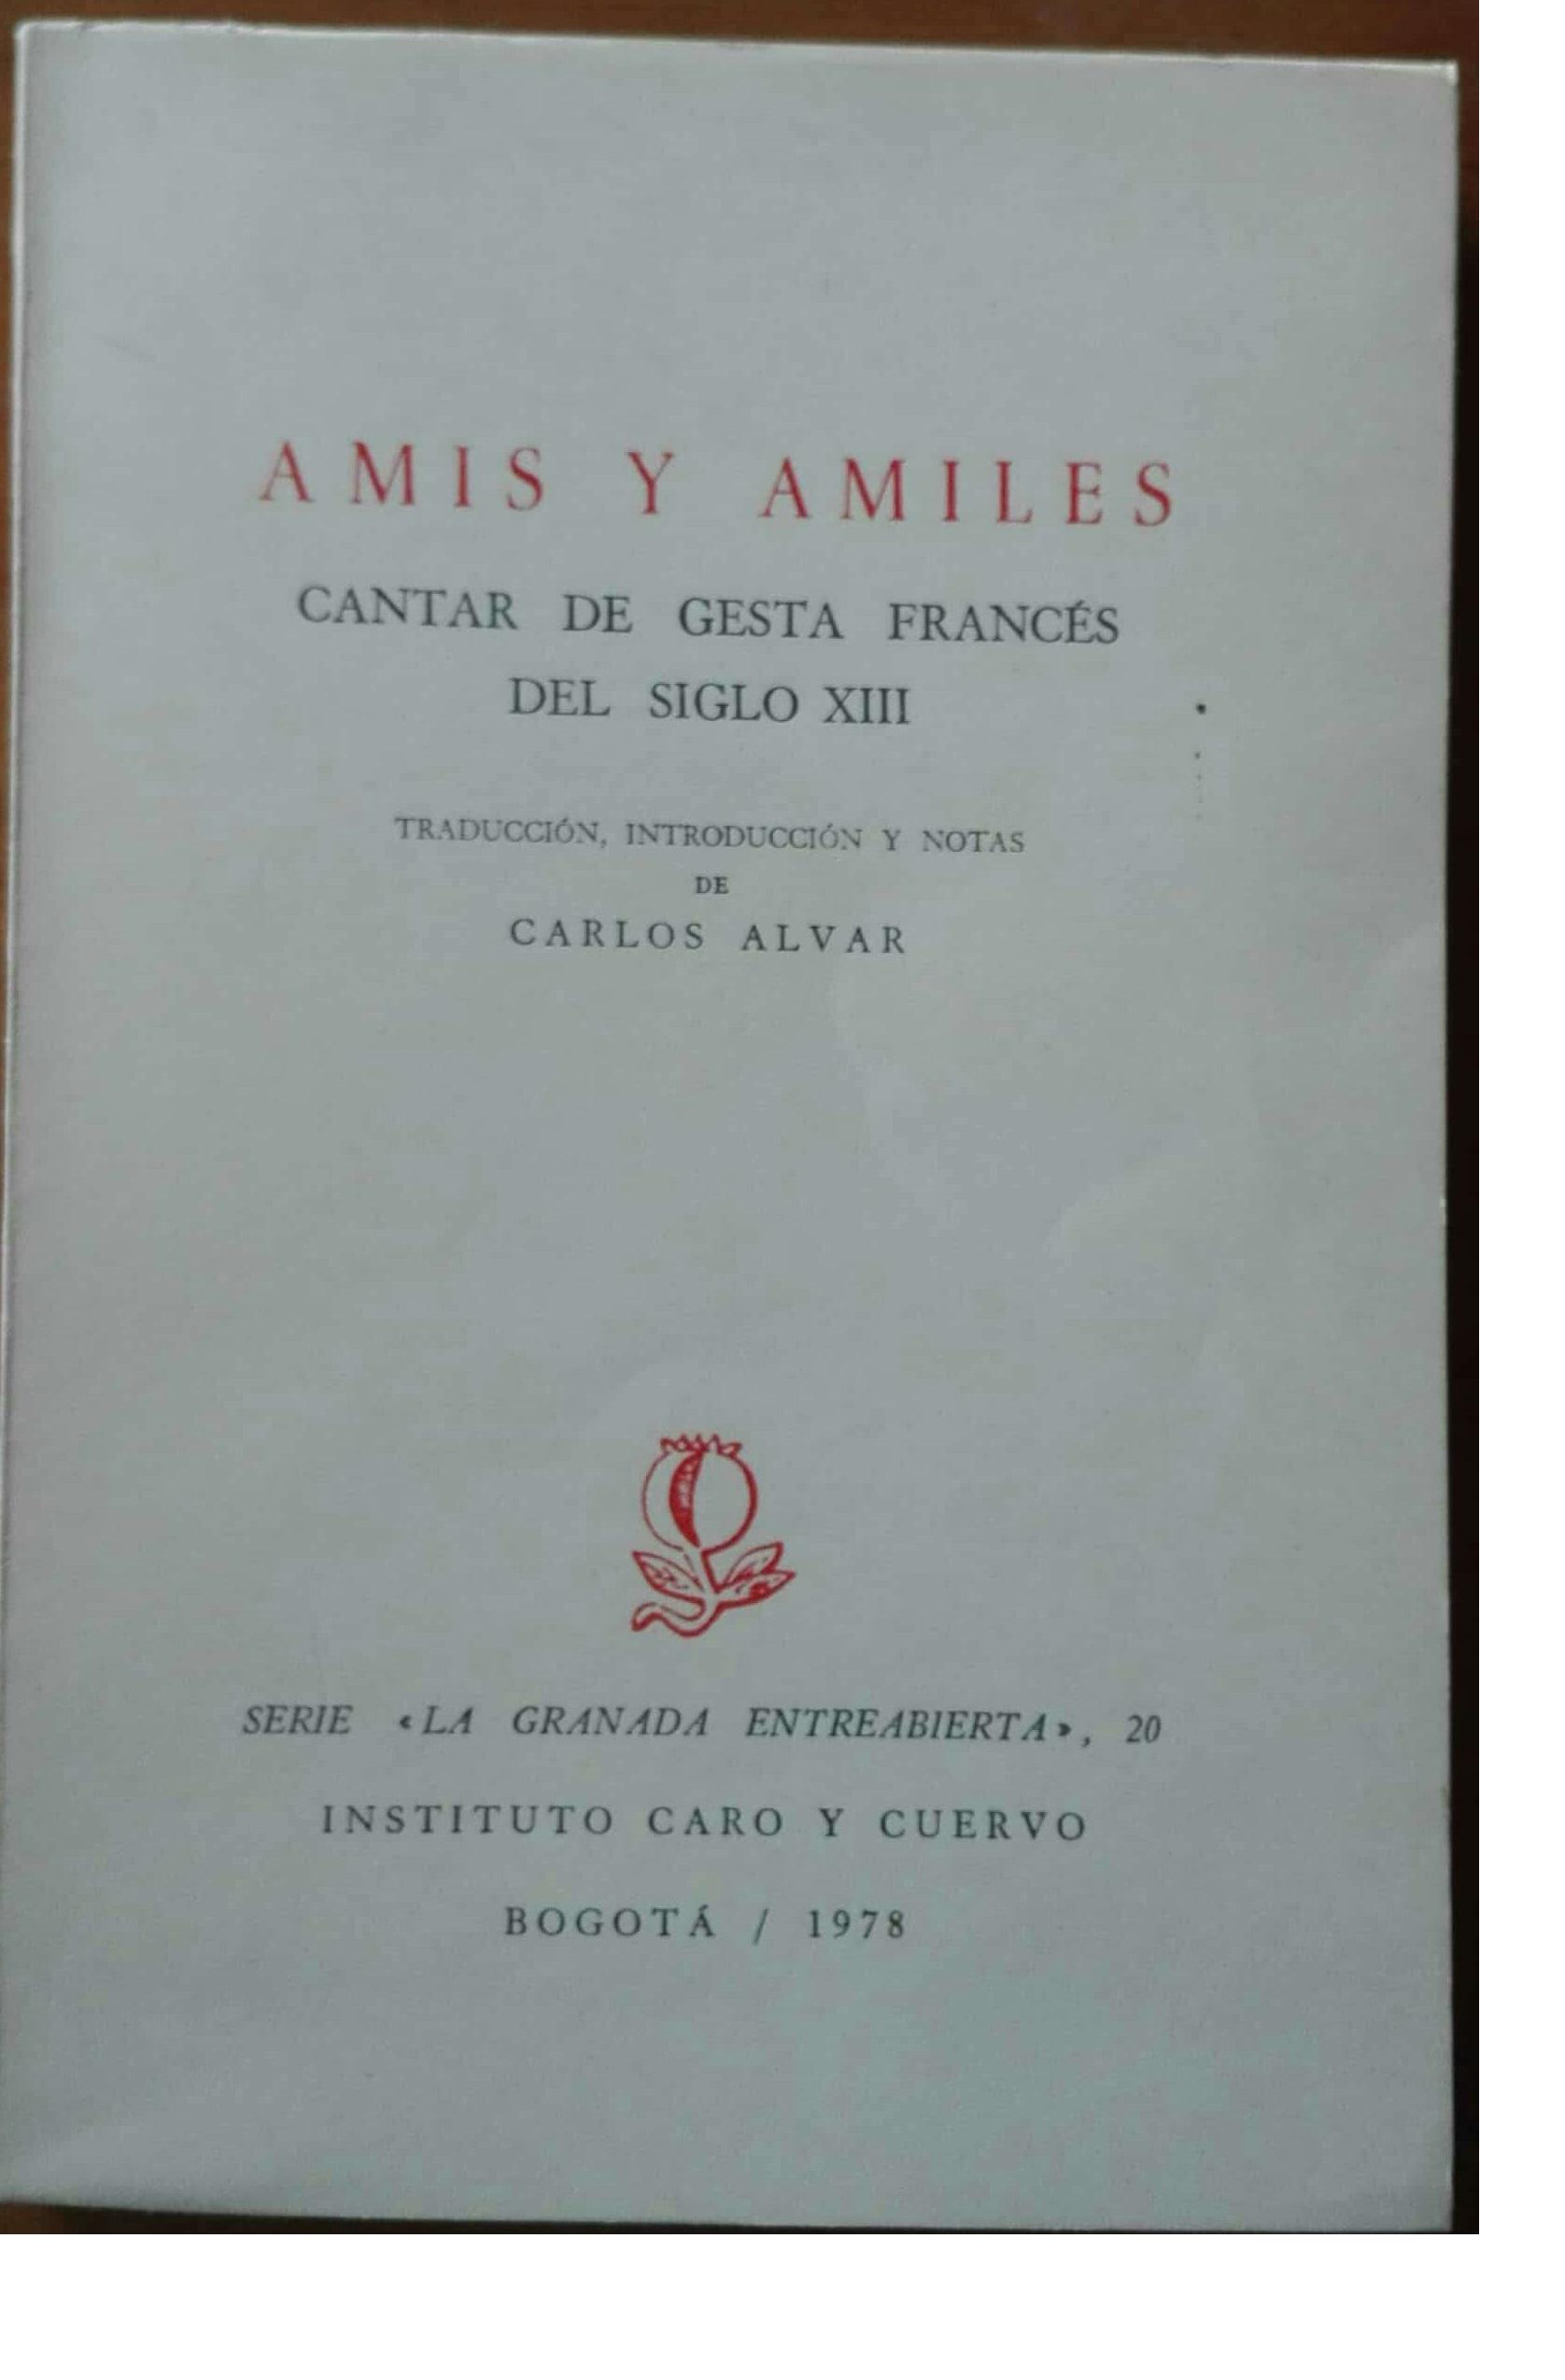 Amis y Amiles: cantar de gesta francés del siglo XIII